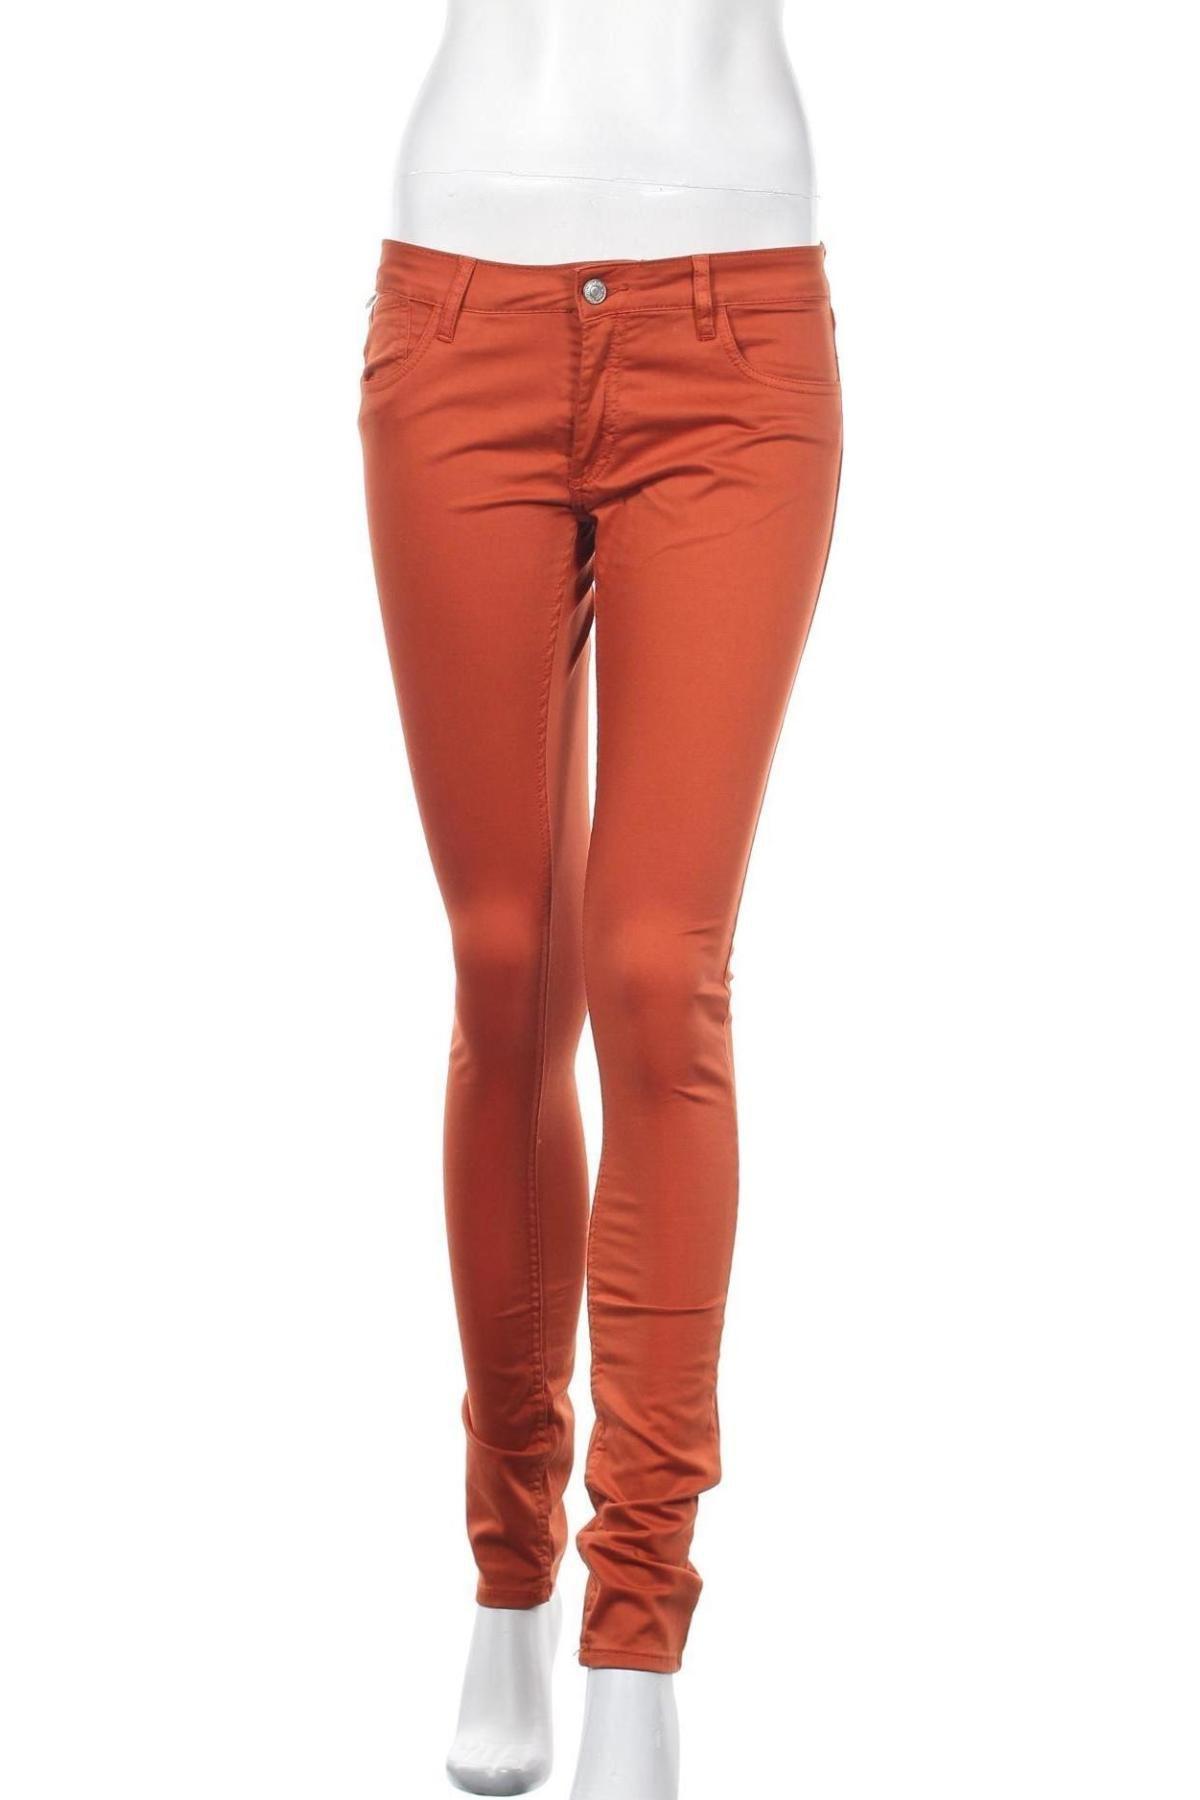 Дамски дънки Le Temps Des Cerises, Размер S, Цвят Оранжев, 97% памук, 3% еластан, Цена 27,00лв.